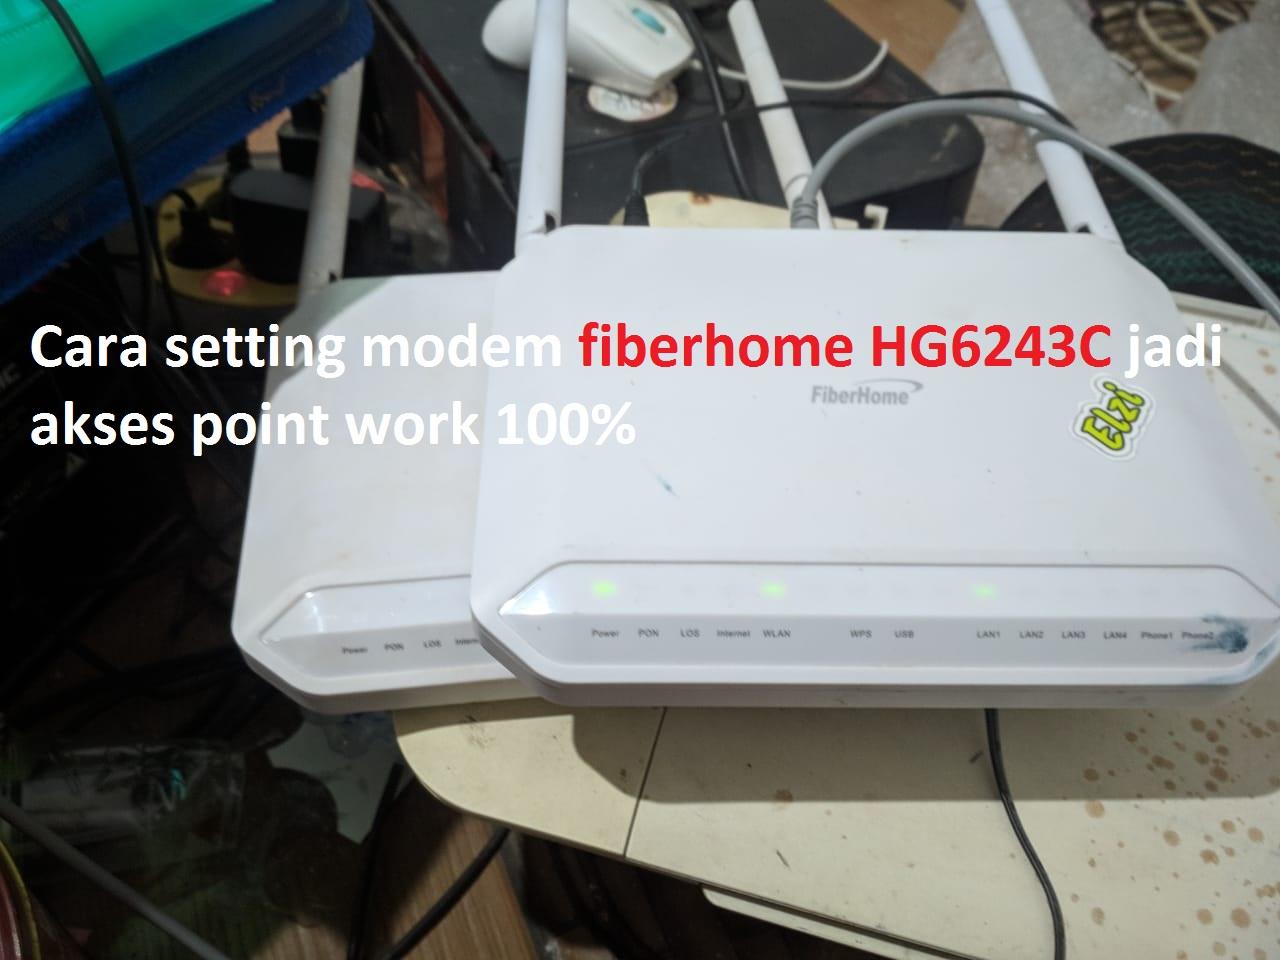 Cara Menjadikan Modem Fiberhome Hg6243c Menjadi Akses Point